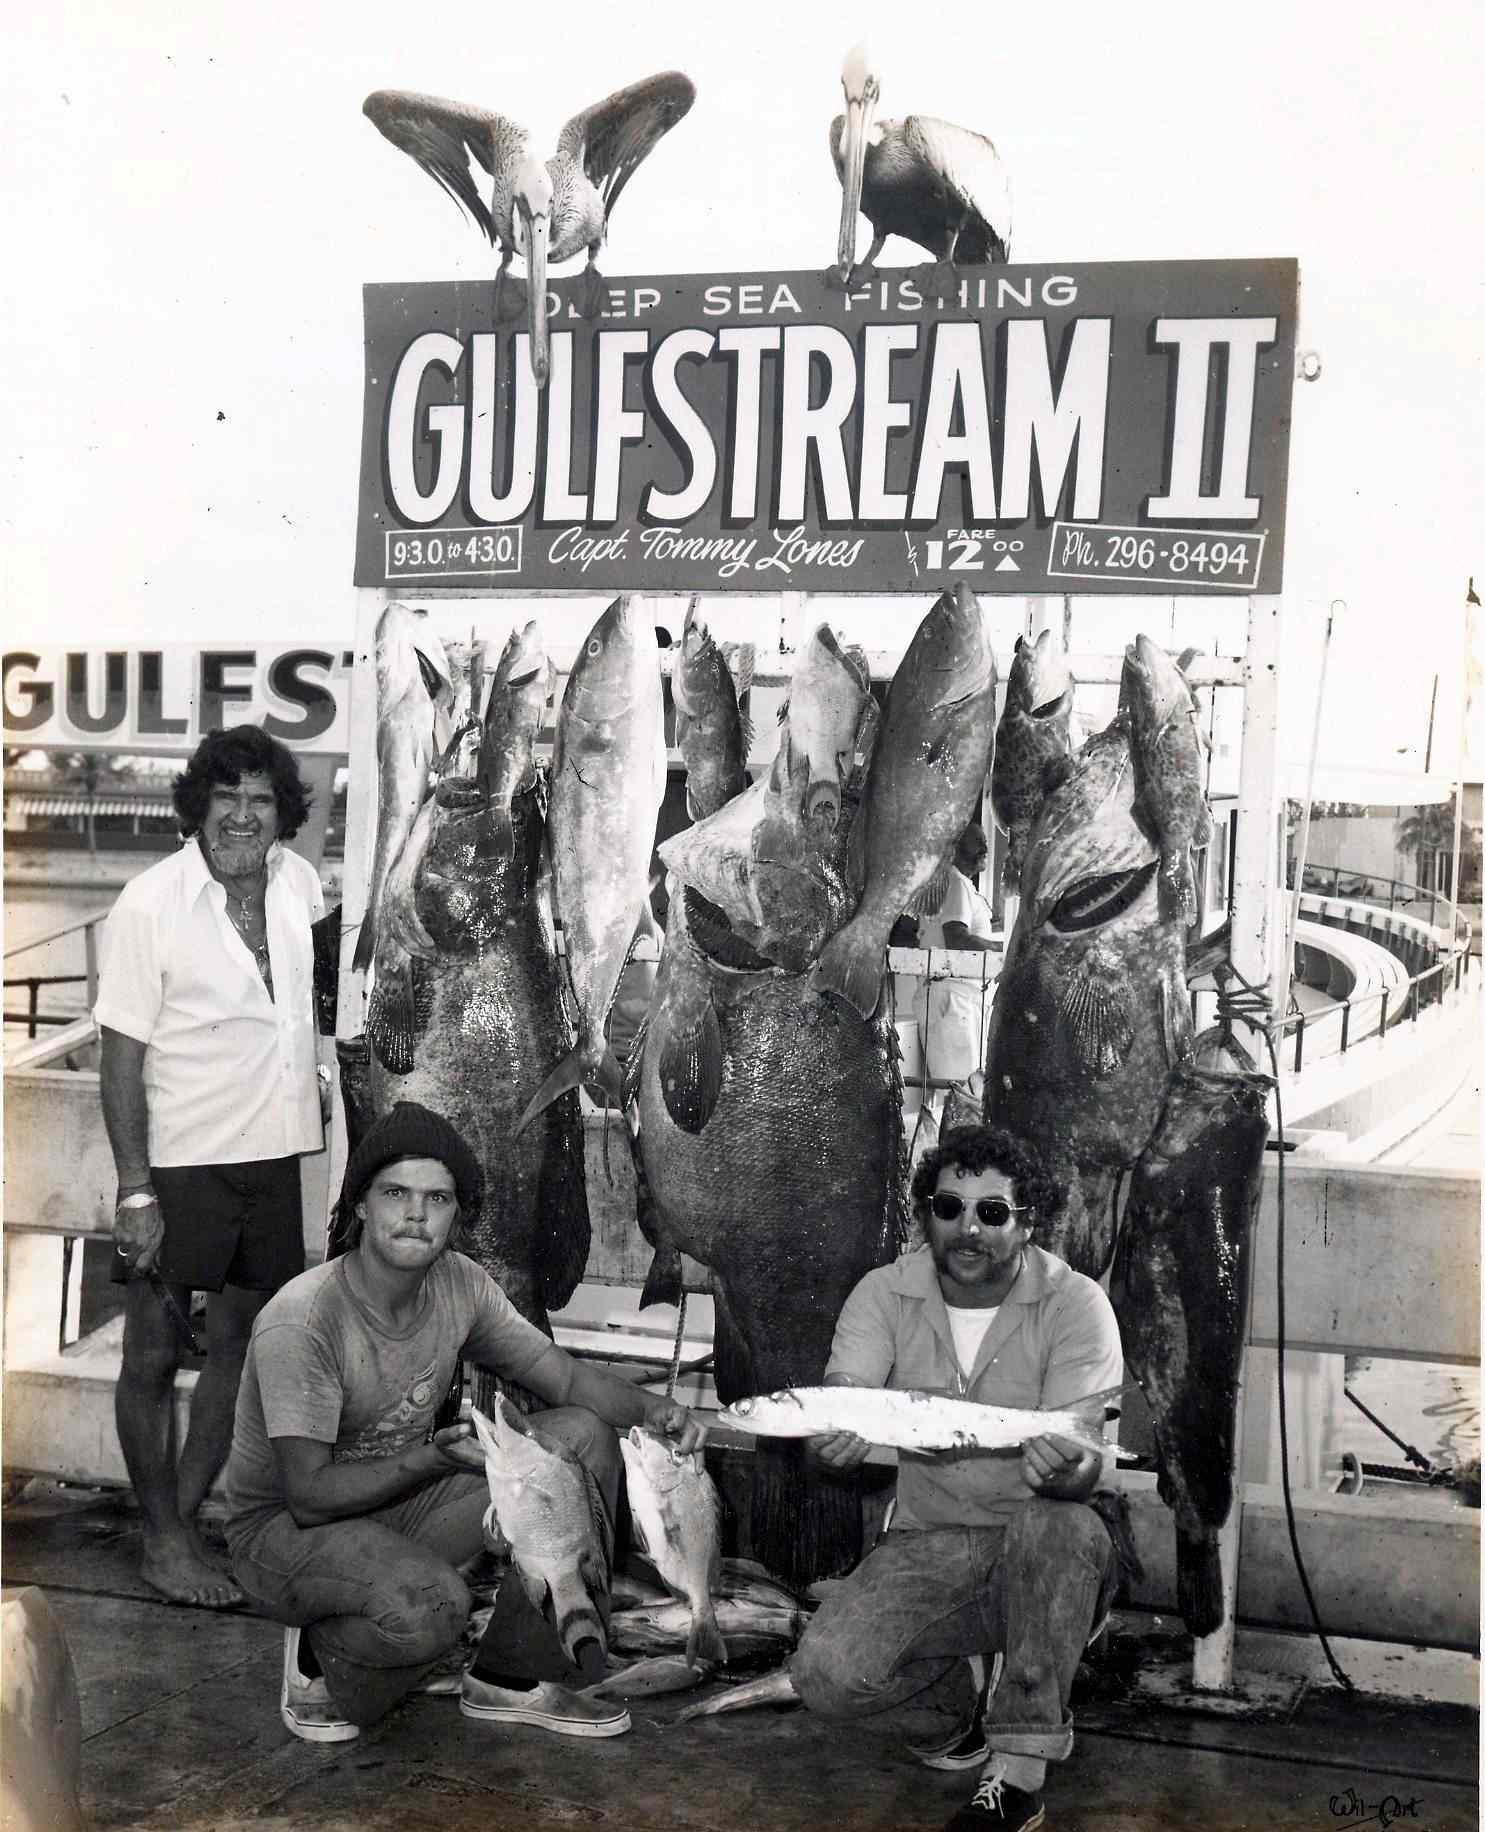 Gulfstream Party Fishing Boat, Key West FL